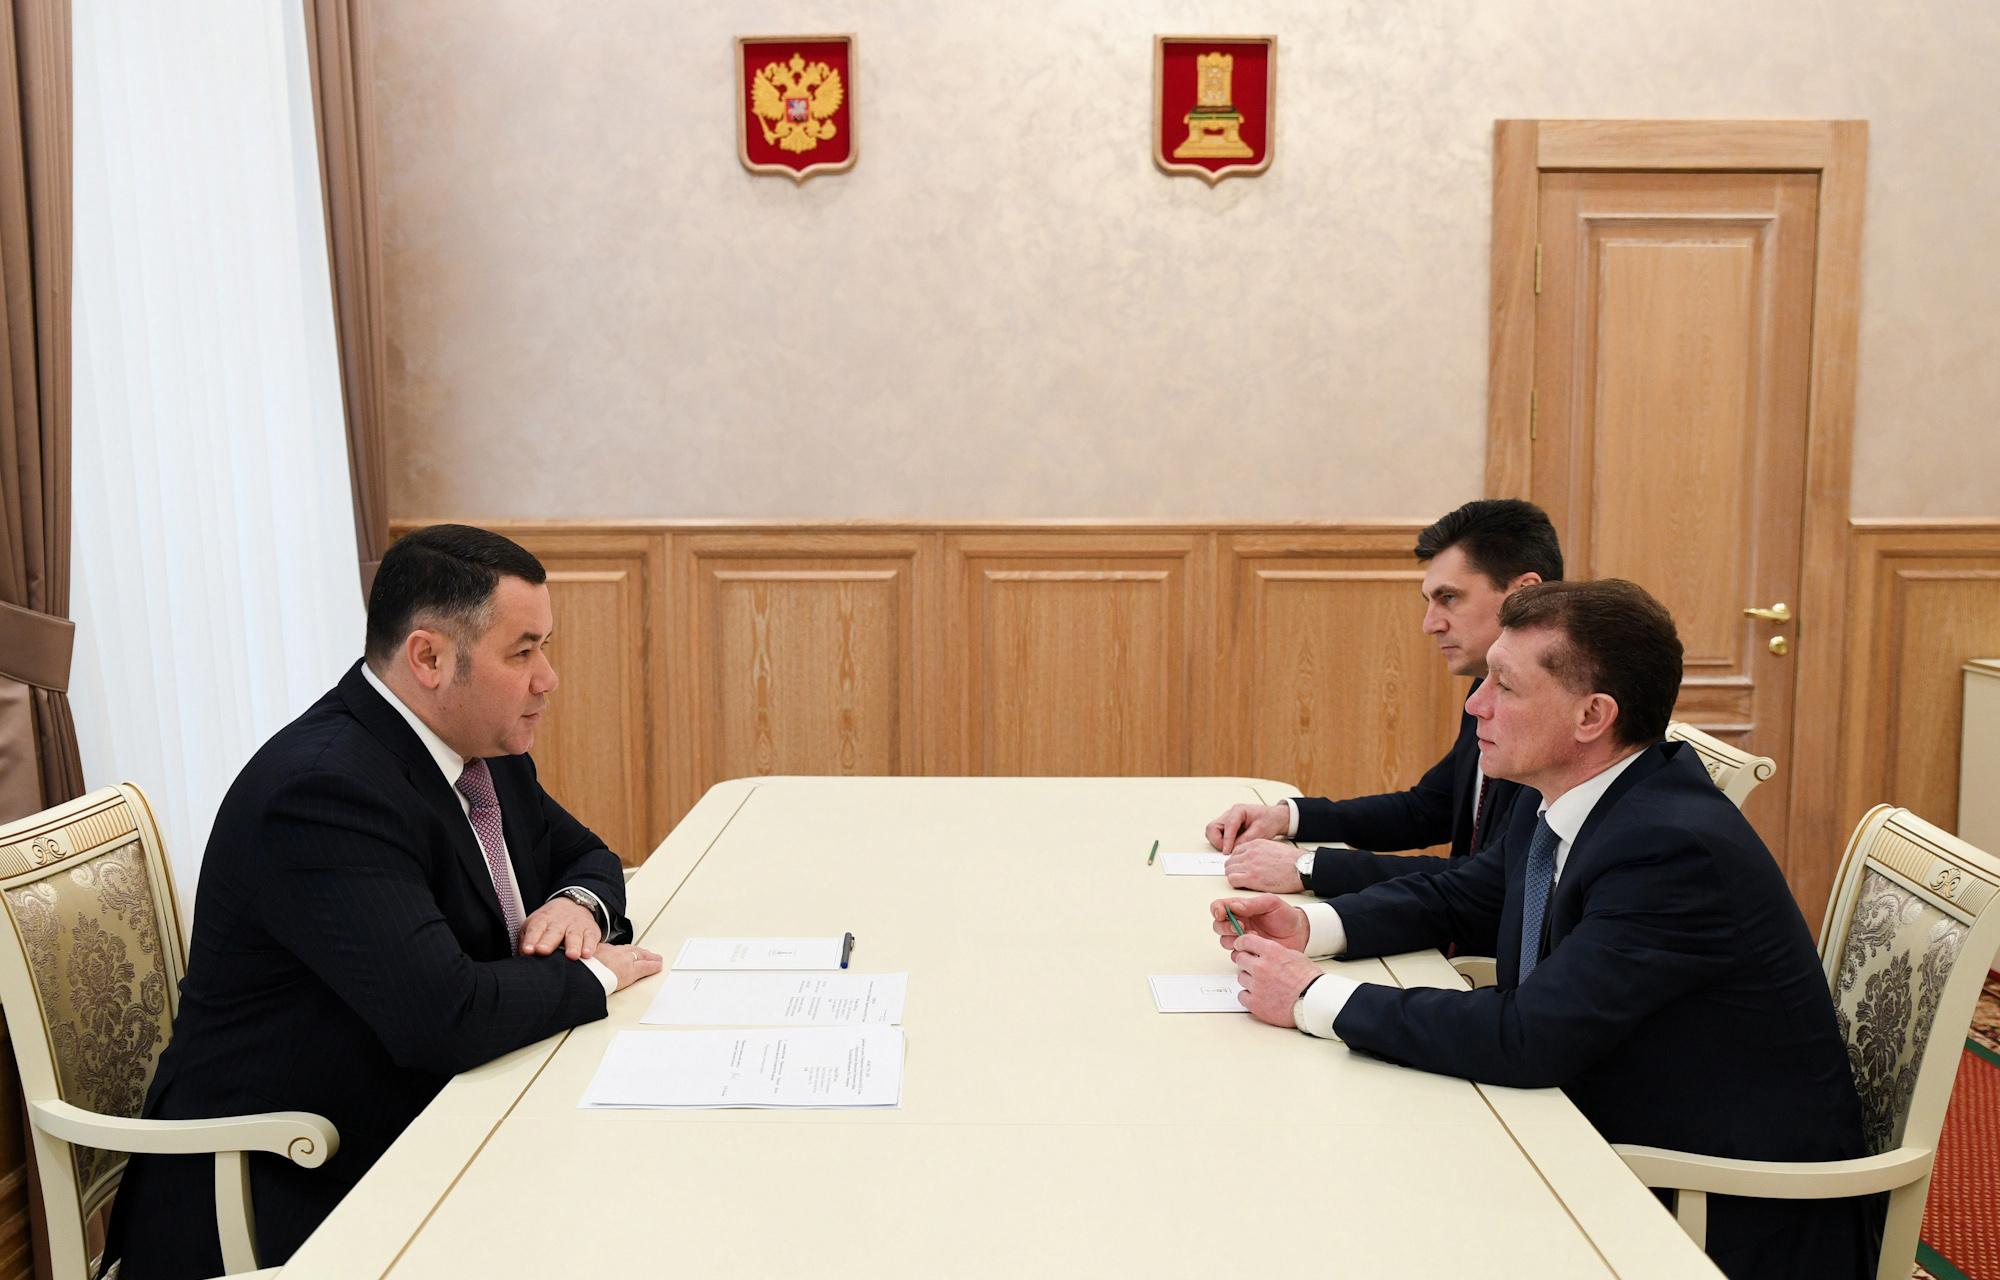 Игорь Руденя встретился с председателем правления Пенсионного фонда РФ Максимом Топилиным